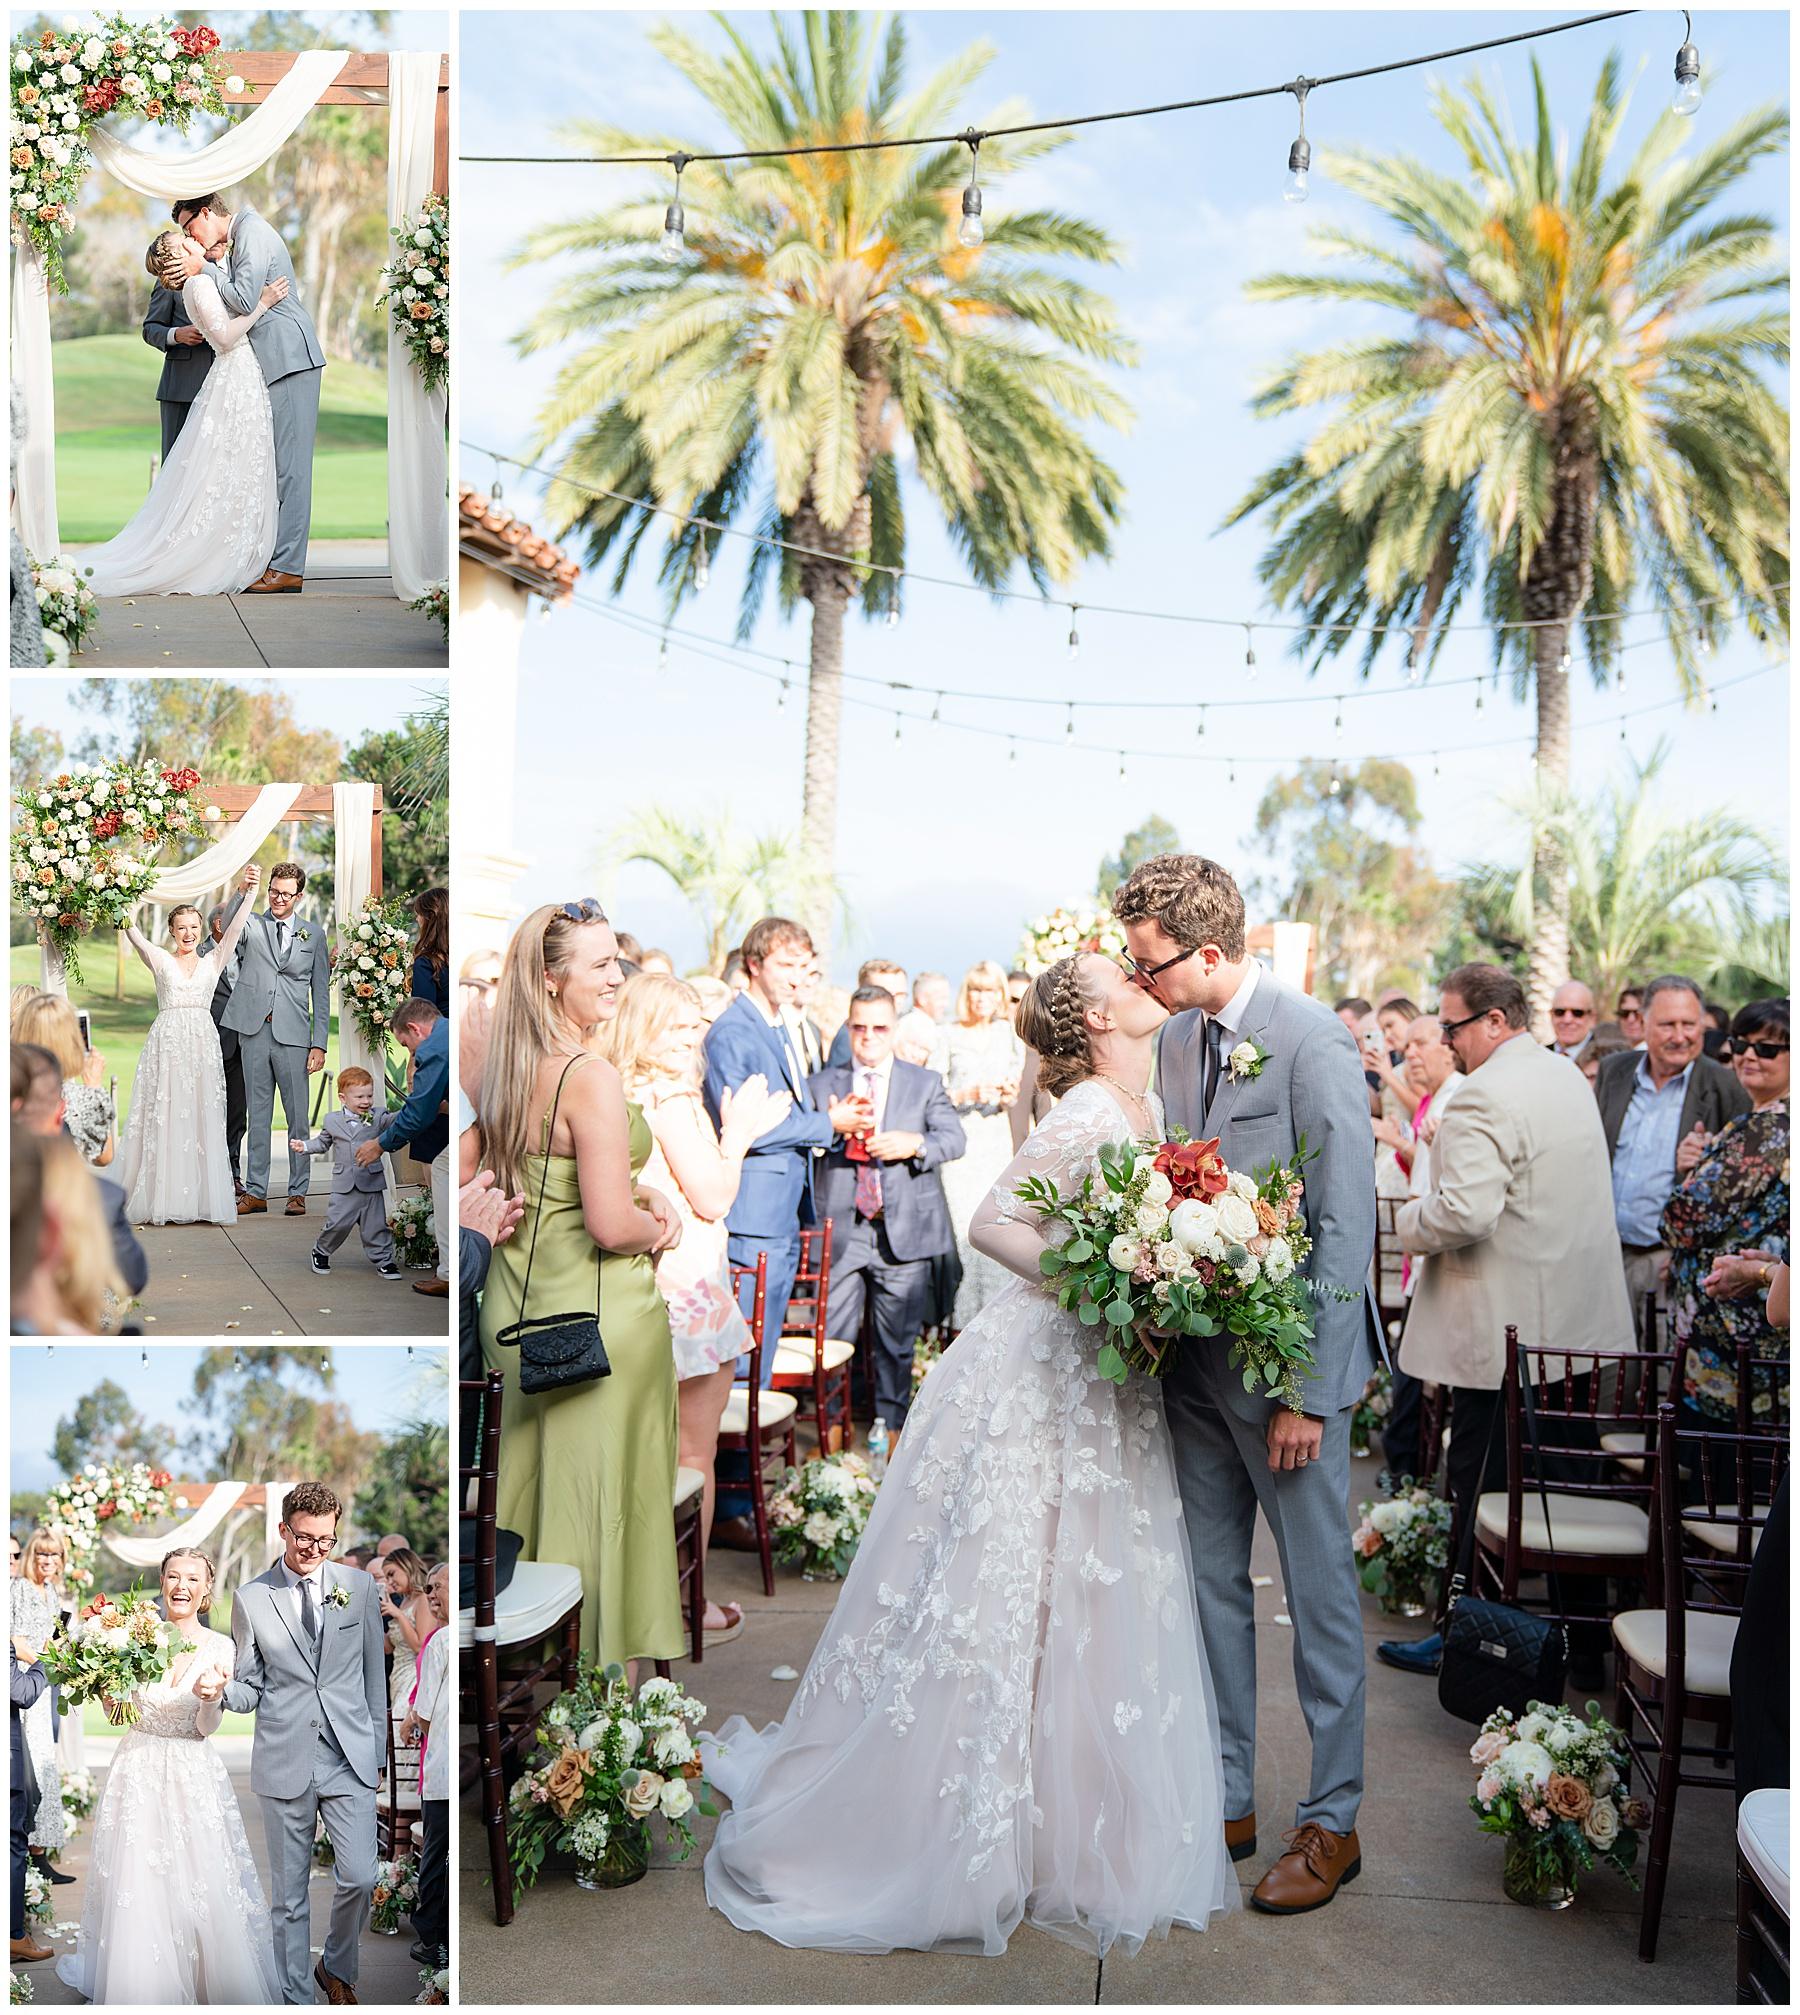 talega golf club wedding ceremony